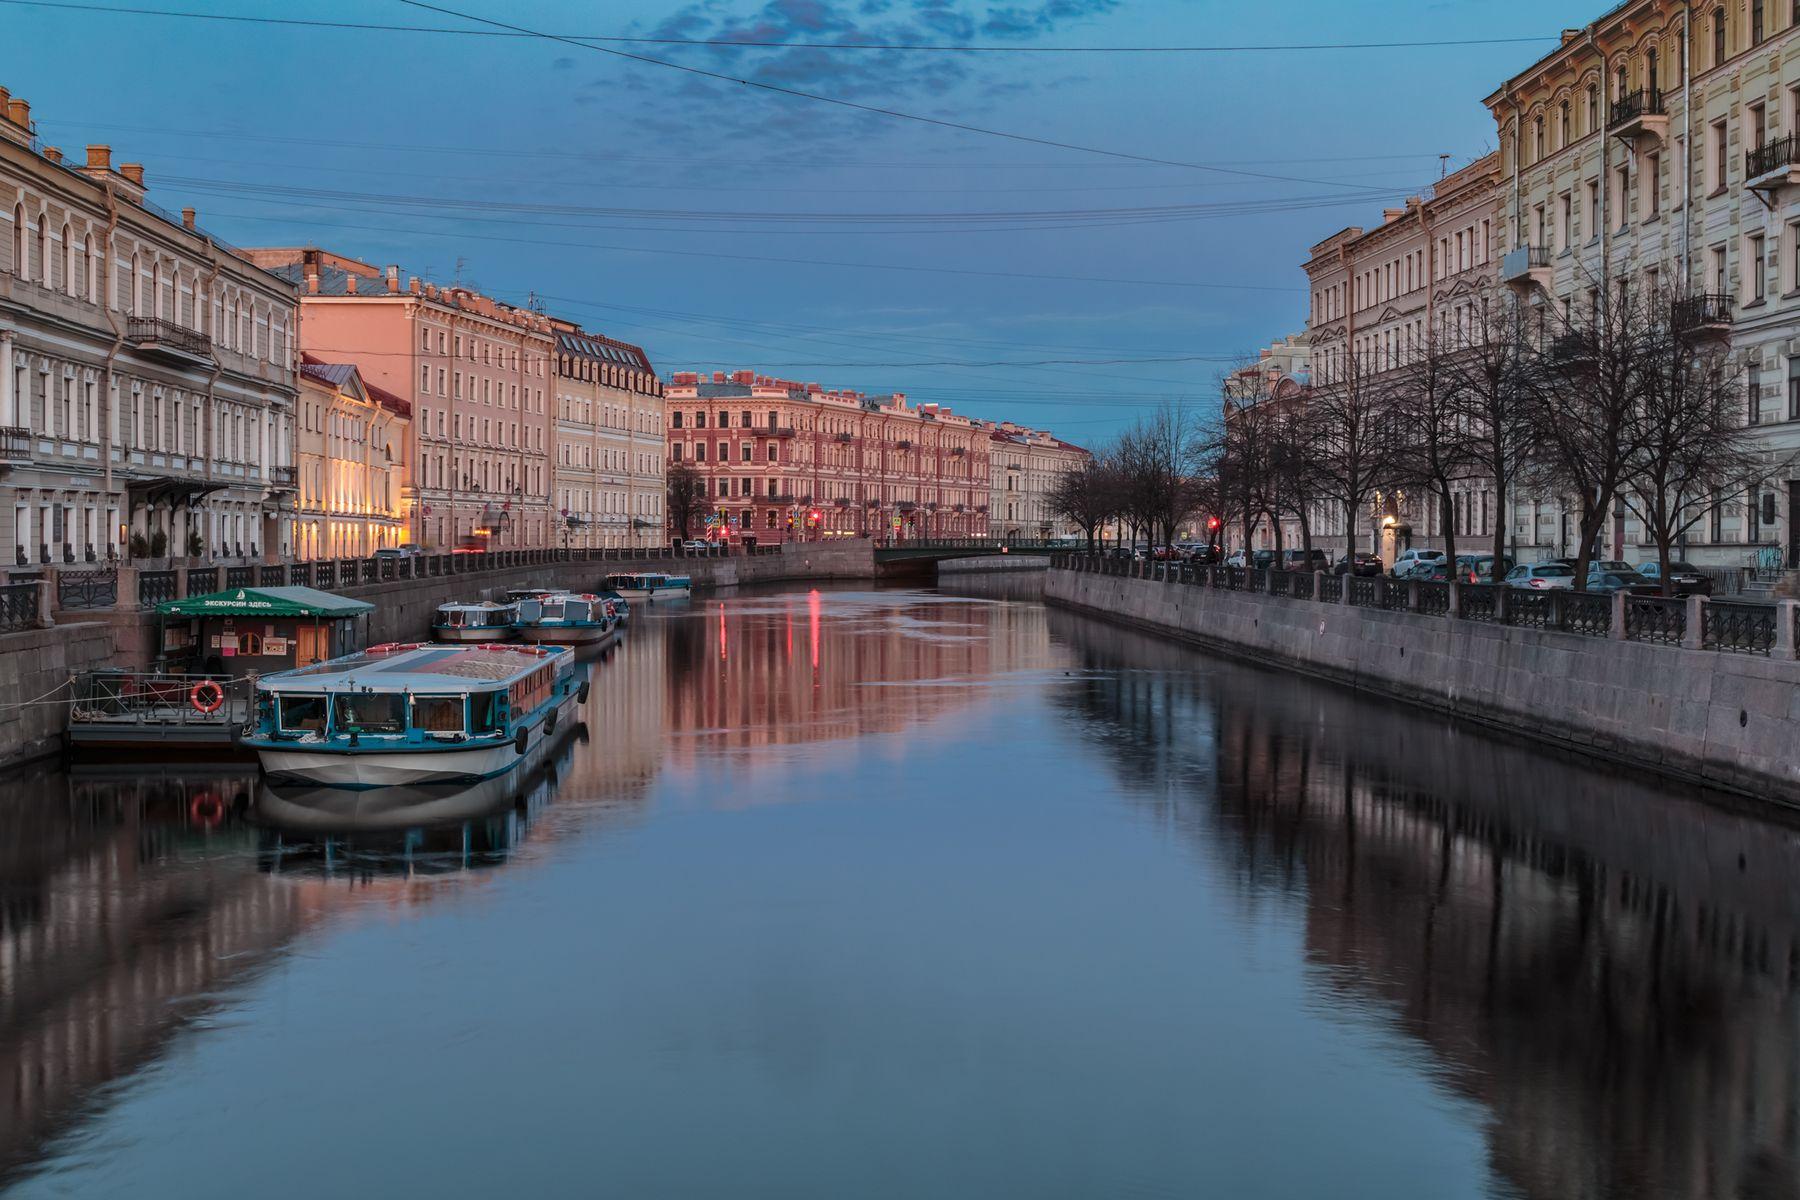 Тихое утро первого мая Санкт-Петербург утро Мойка вода отражение синий час